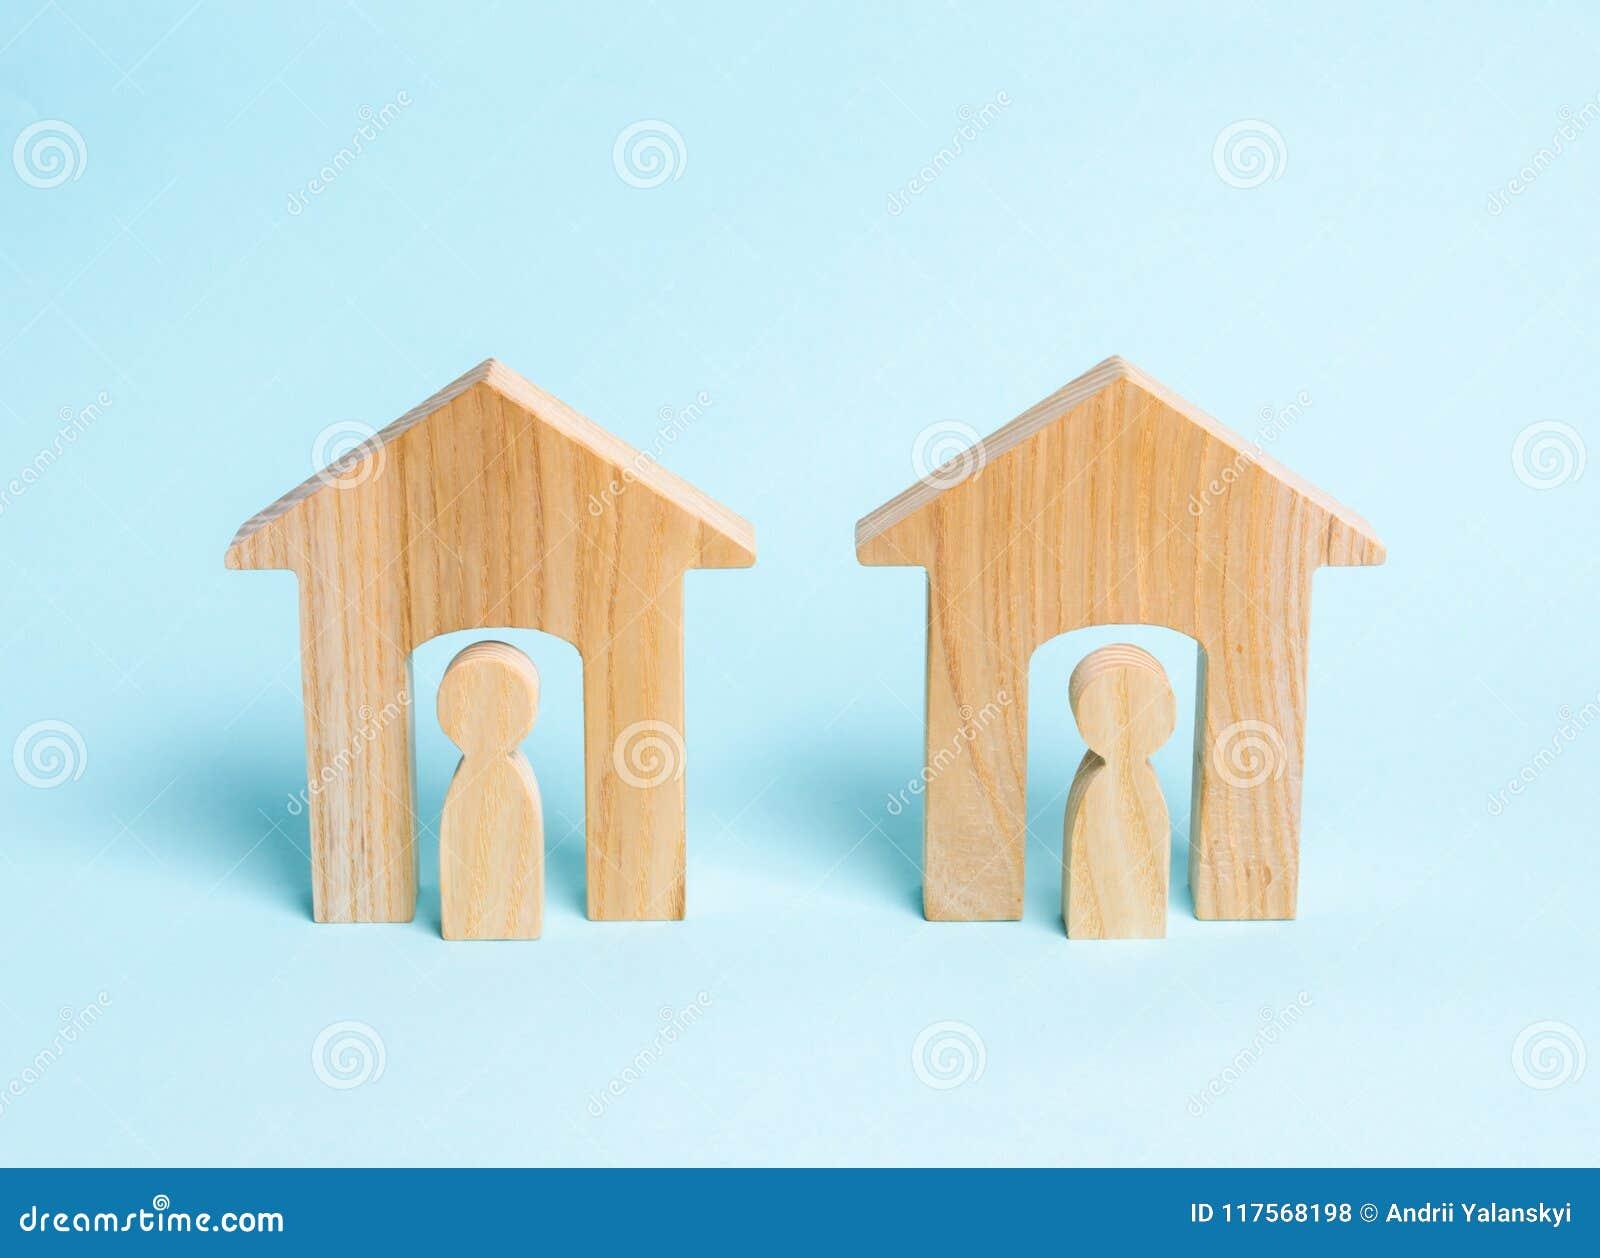 Δύο ξύλινα σπίτια με τους γείτονες Δύο γείτονες Καλή γειτονιά, περιοχή Επικοινωνία, επικοινωνία μεταξύ δύο ανθρώπων